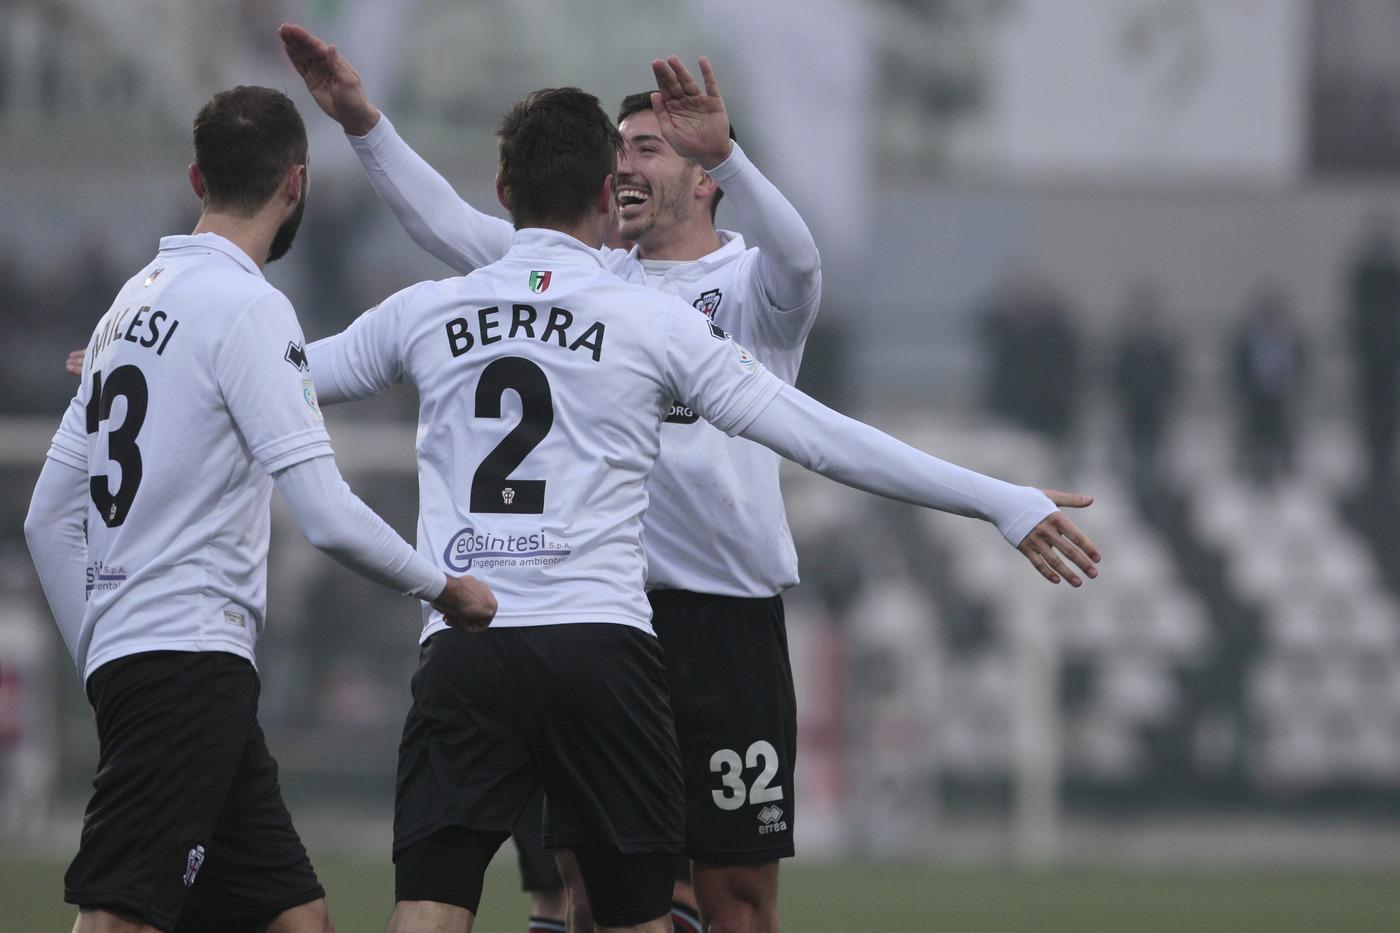 Serie C, Pro Vercelli-Virtus Entella martedì 19 marzo: analisi e pronostico del recupero della settima giornata della terza divisione